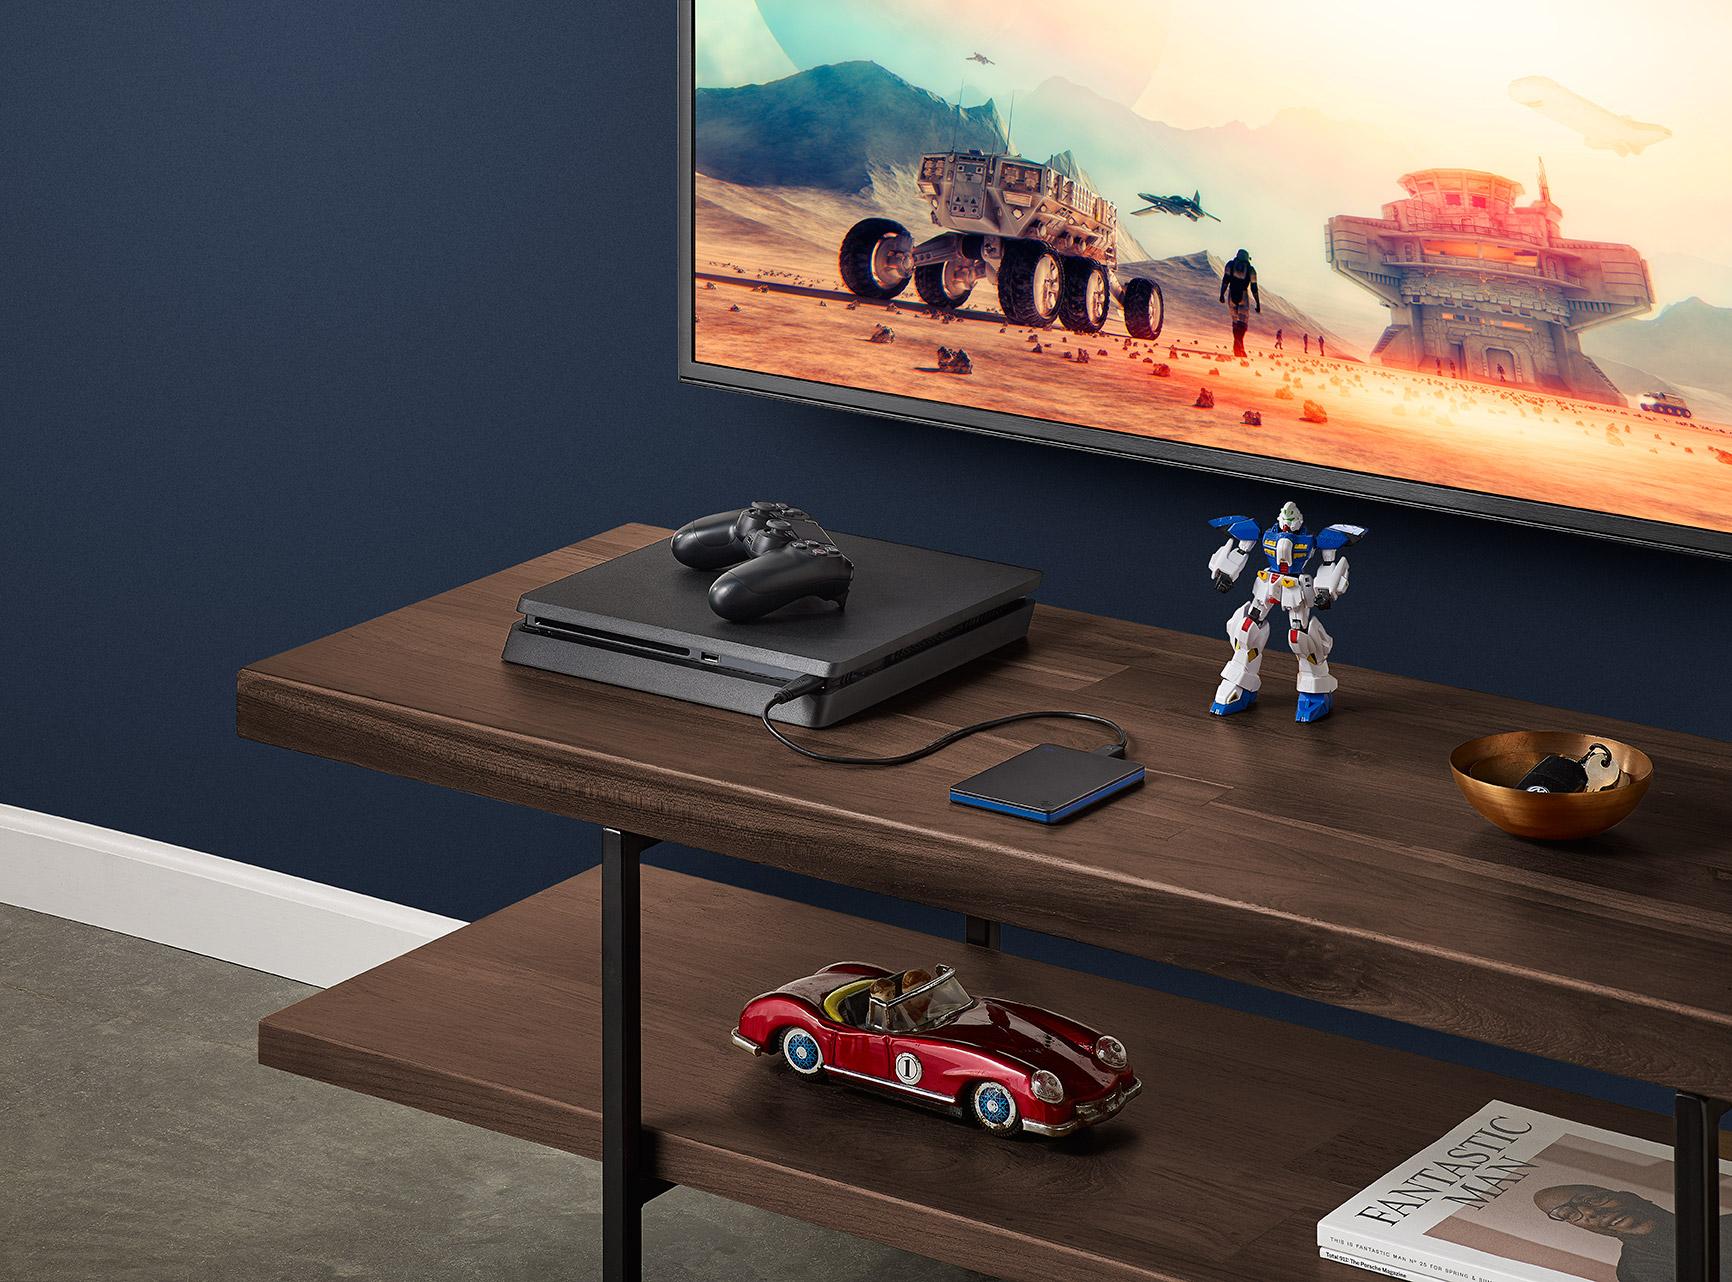 ВЕвропе уже стартовали продажи портативного лицензированного накопителя для PS4